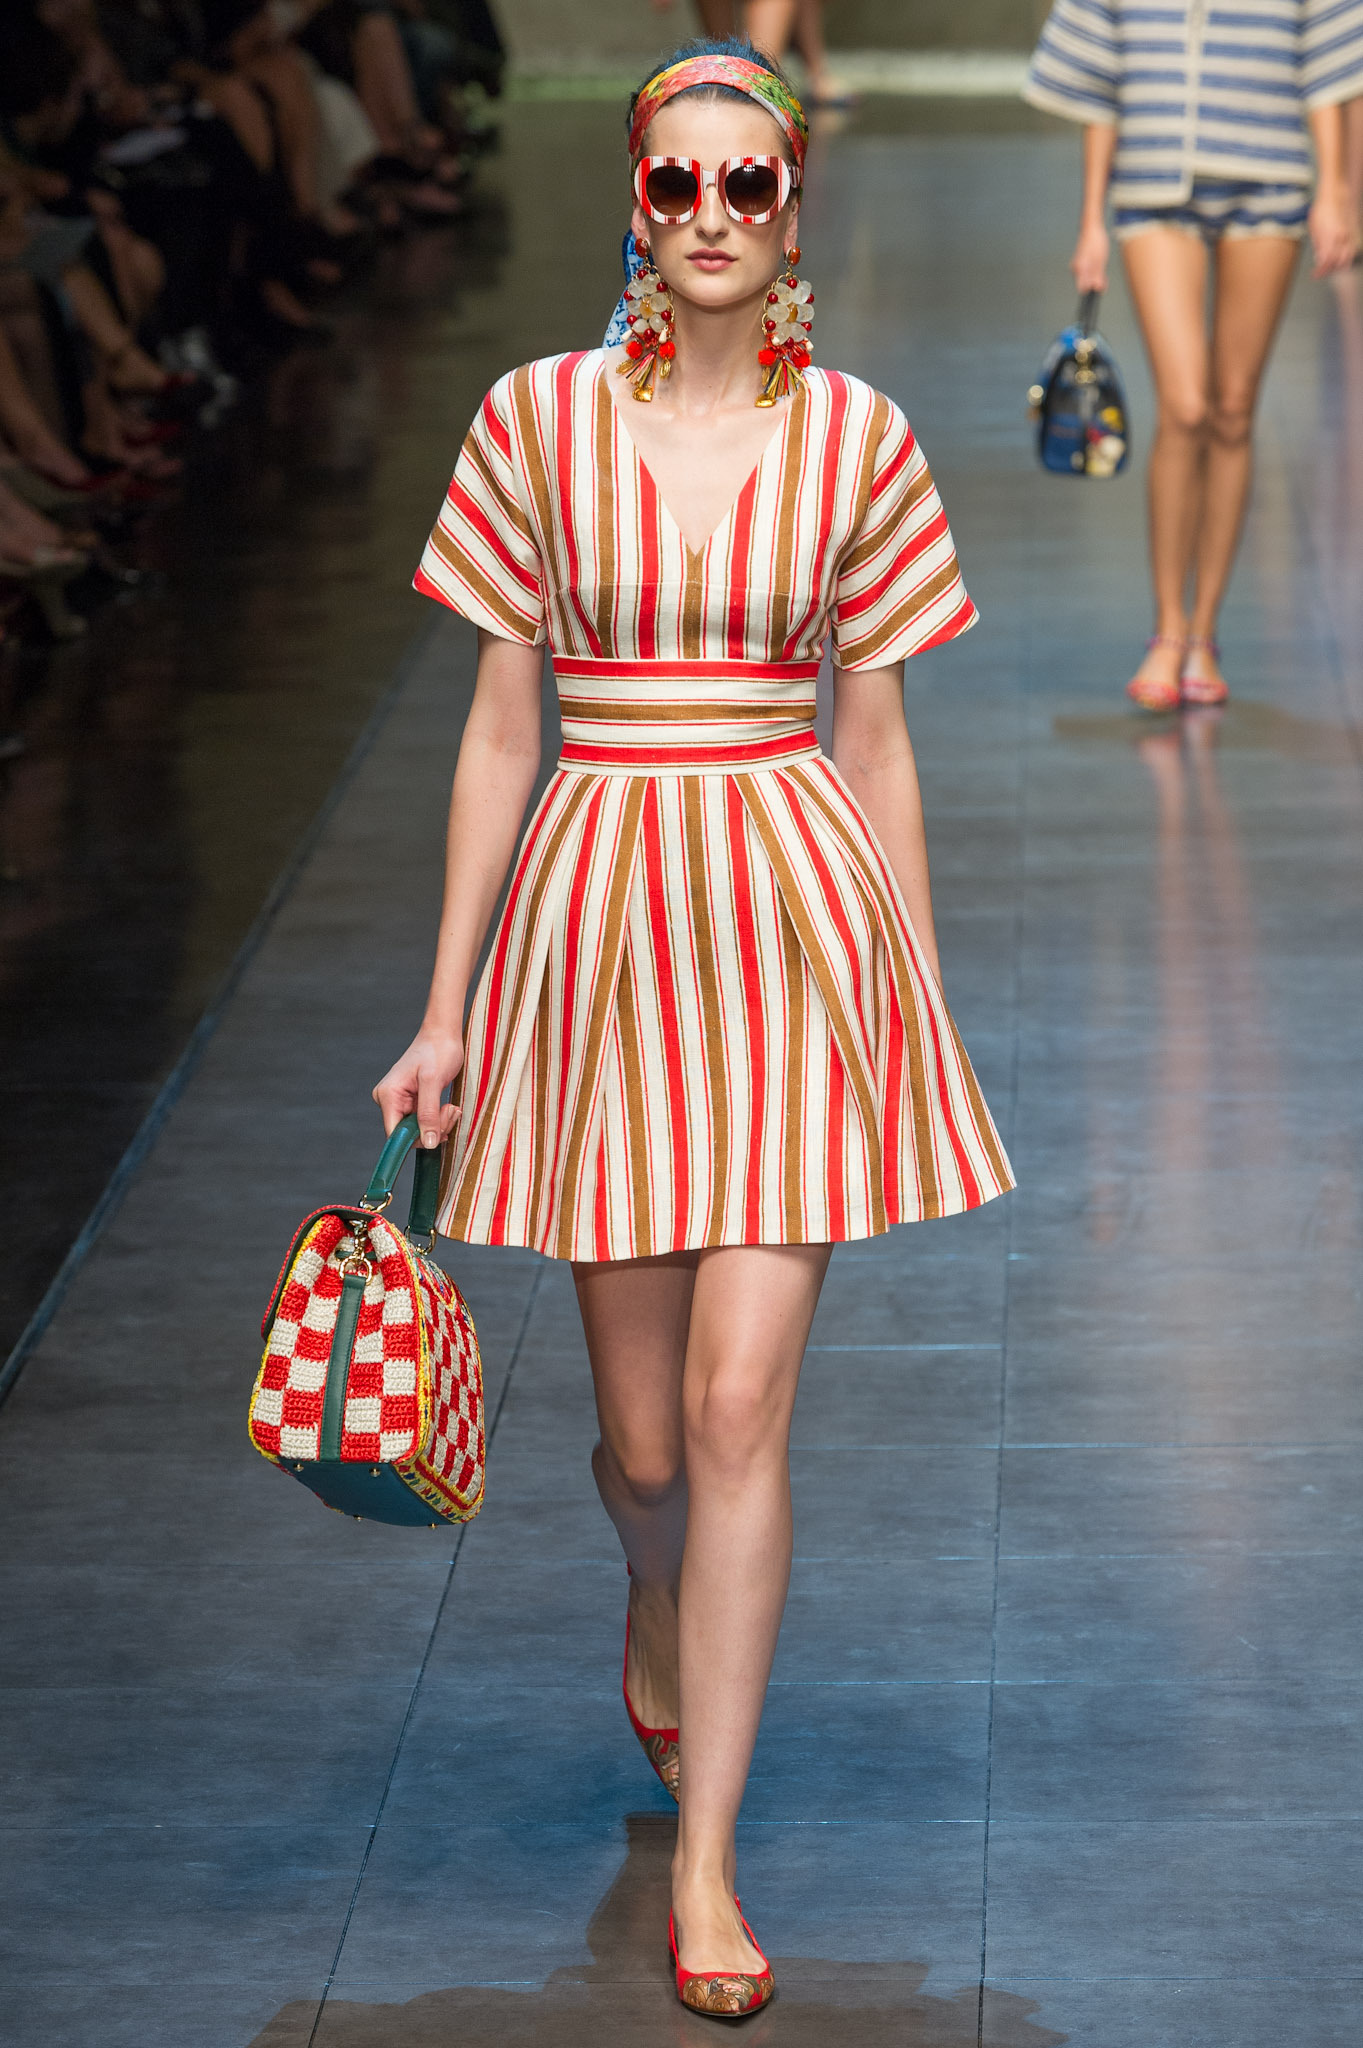 На фото: платье в вертикальную красную полоску с красно белой сумкой и красных босоножках.